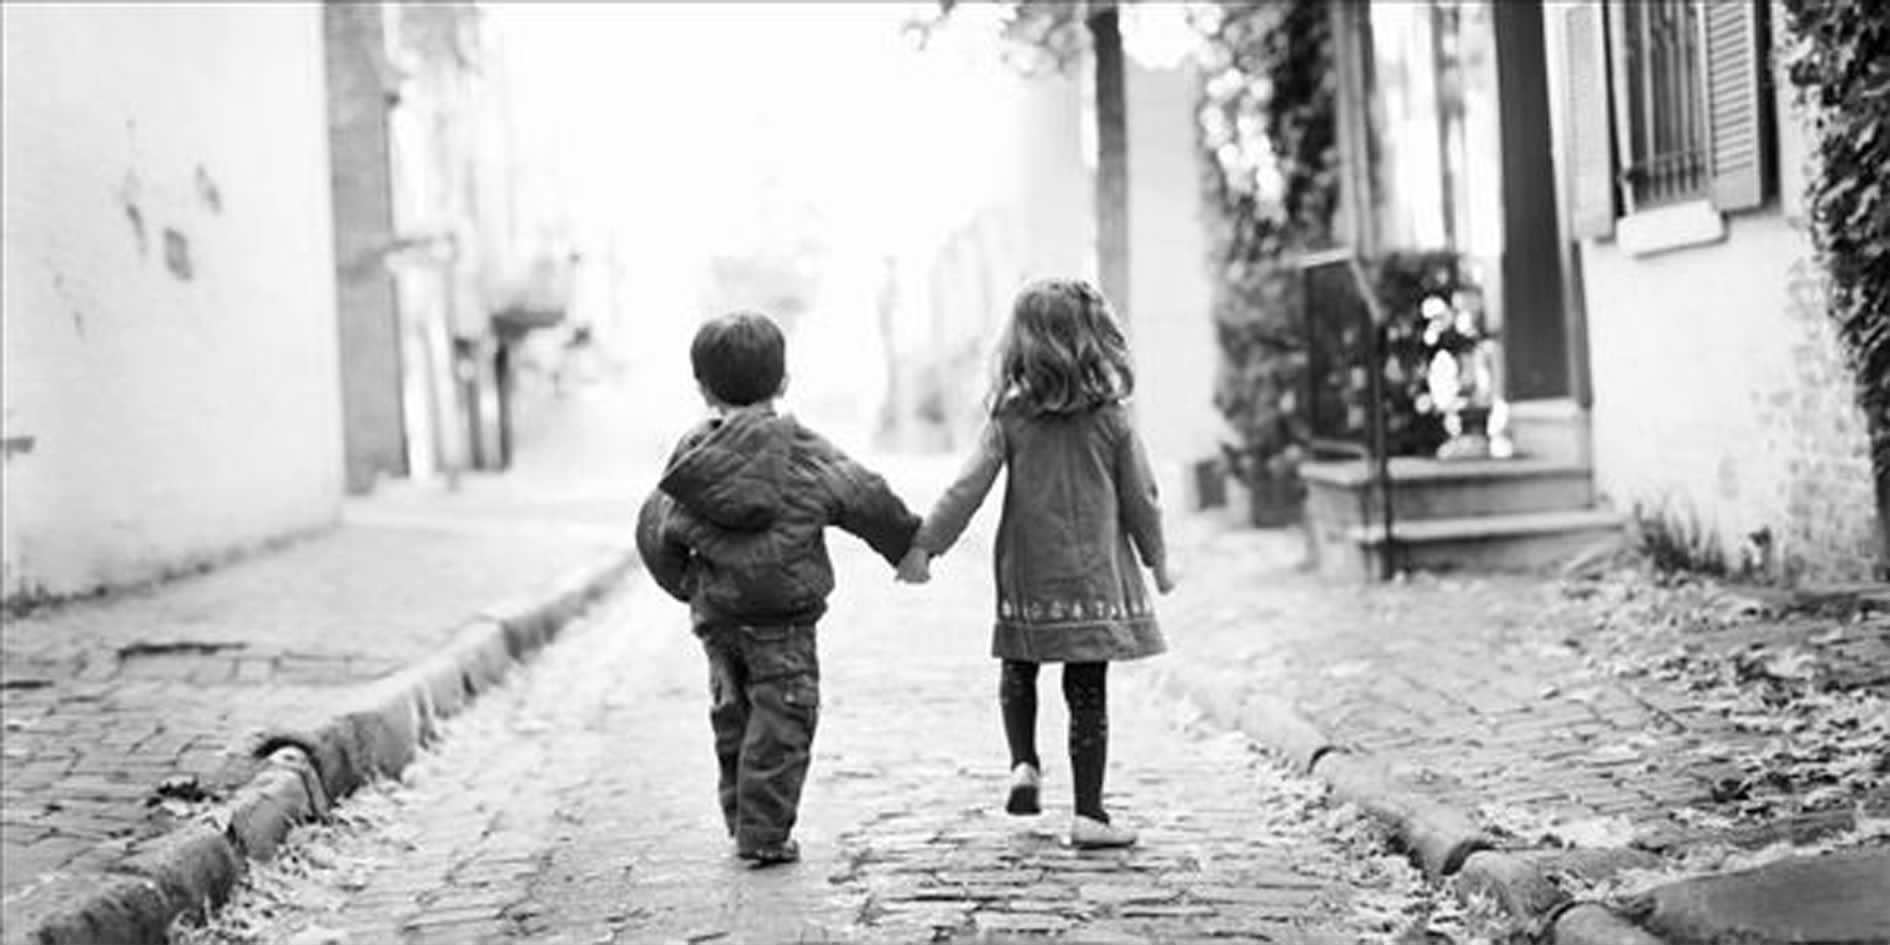 大家帮我找一下 一对情侣手牵手的图片,是只有个背影的,谢谢~.图片